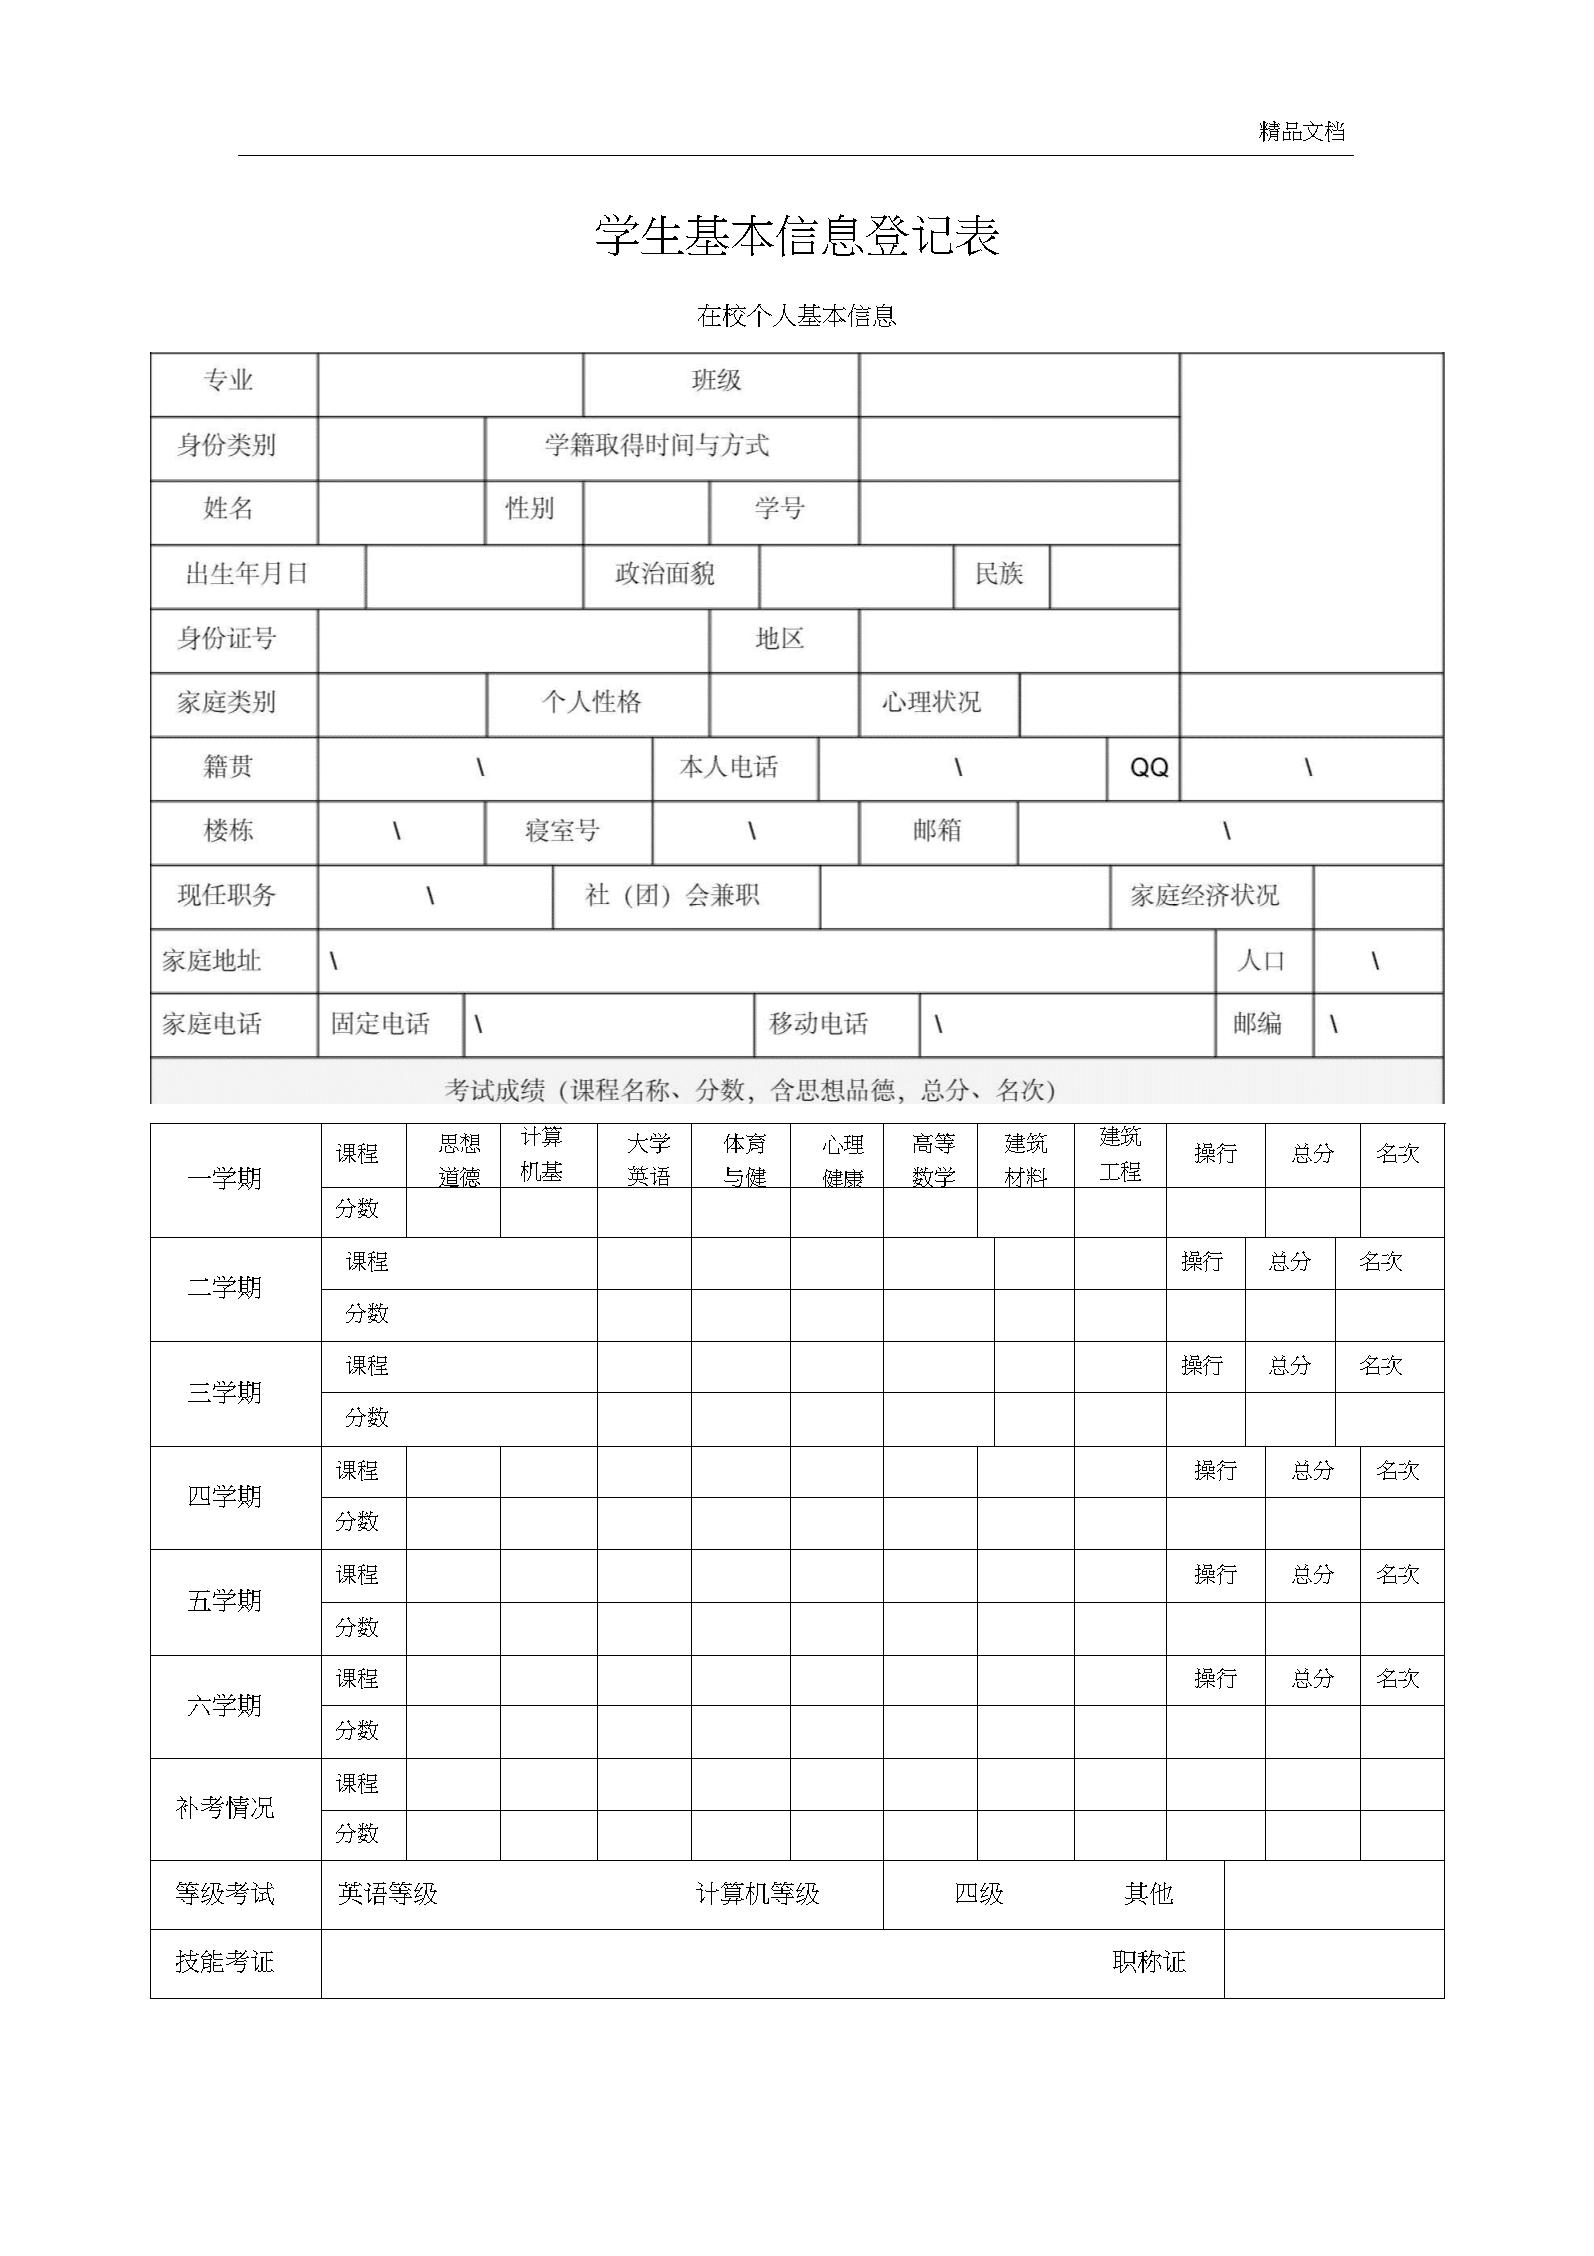 电子版学生基本信息登记表.docx